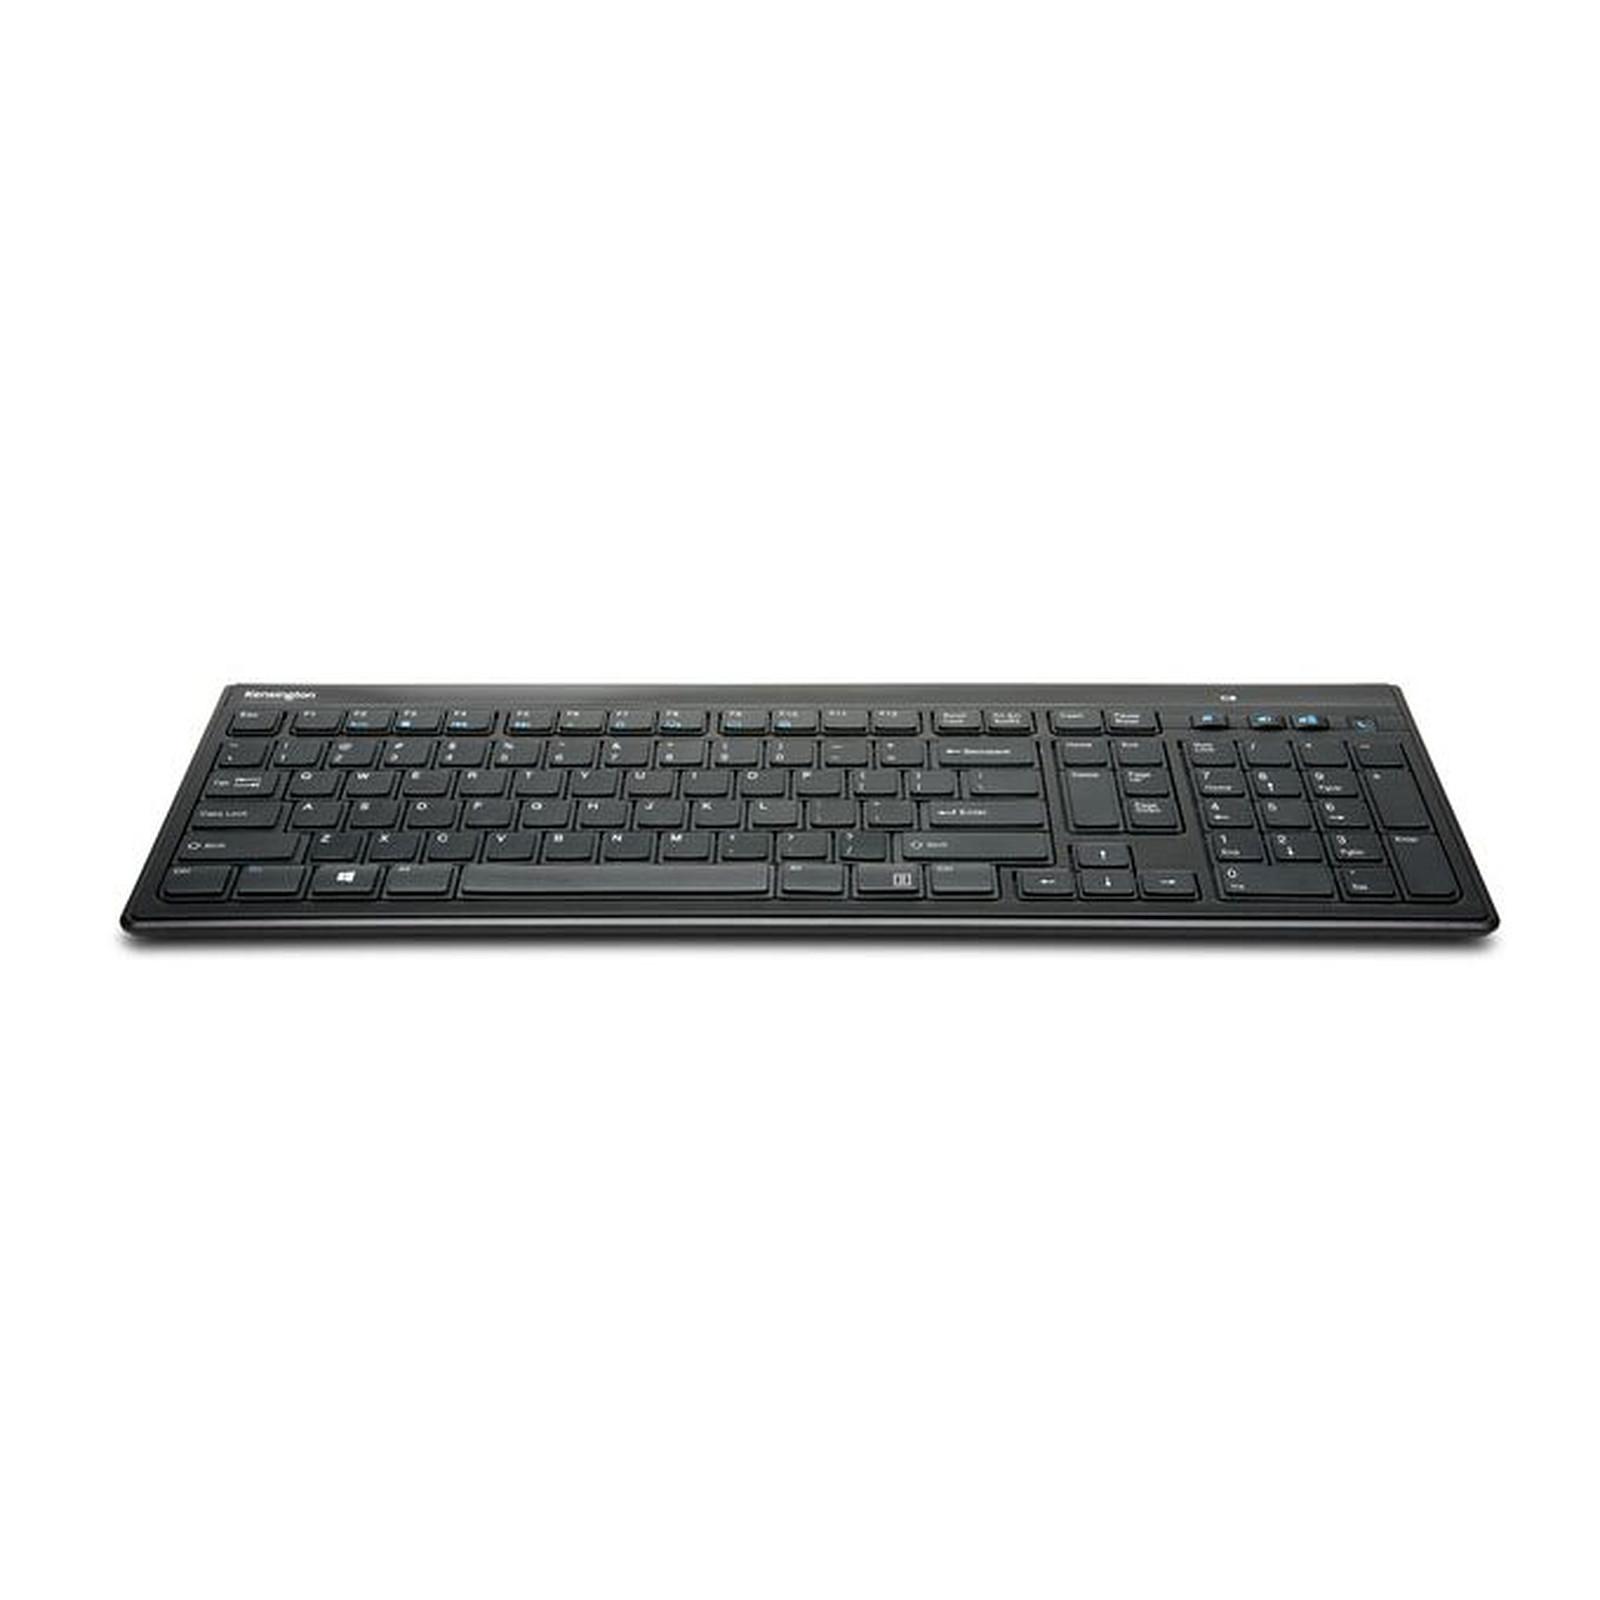 Kensington Advance Fit Keyboard Wireless